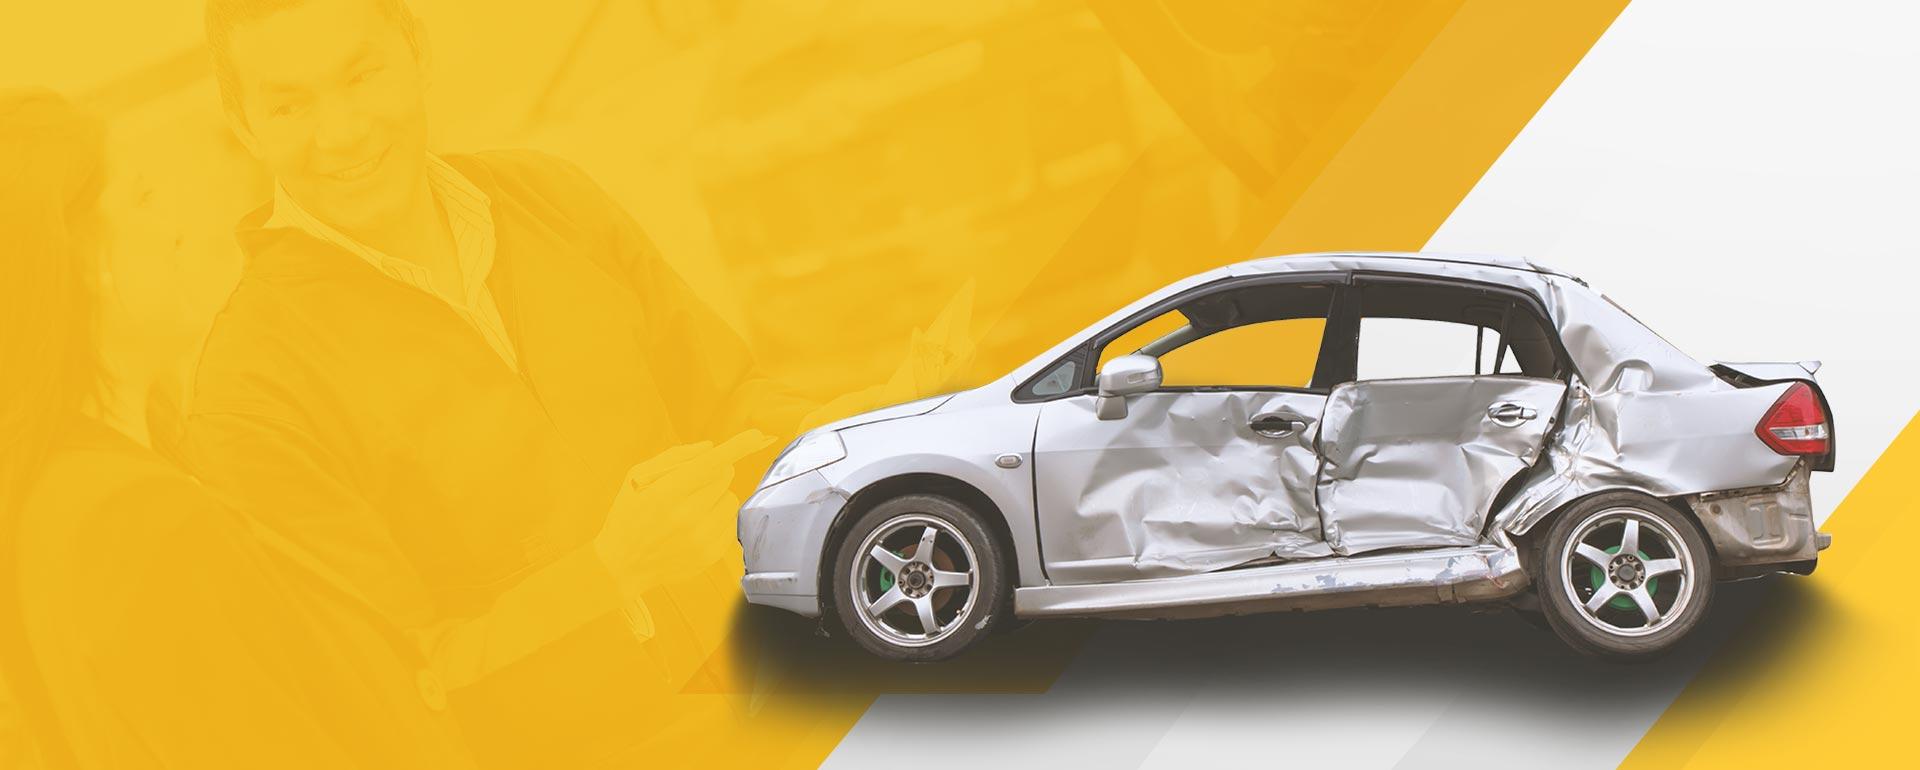 Auto maklér - Poradca pri kúpe jazdeného auta - slide 3